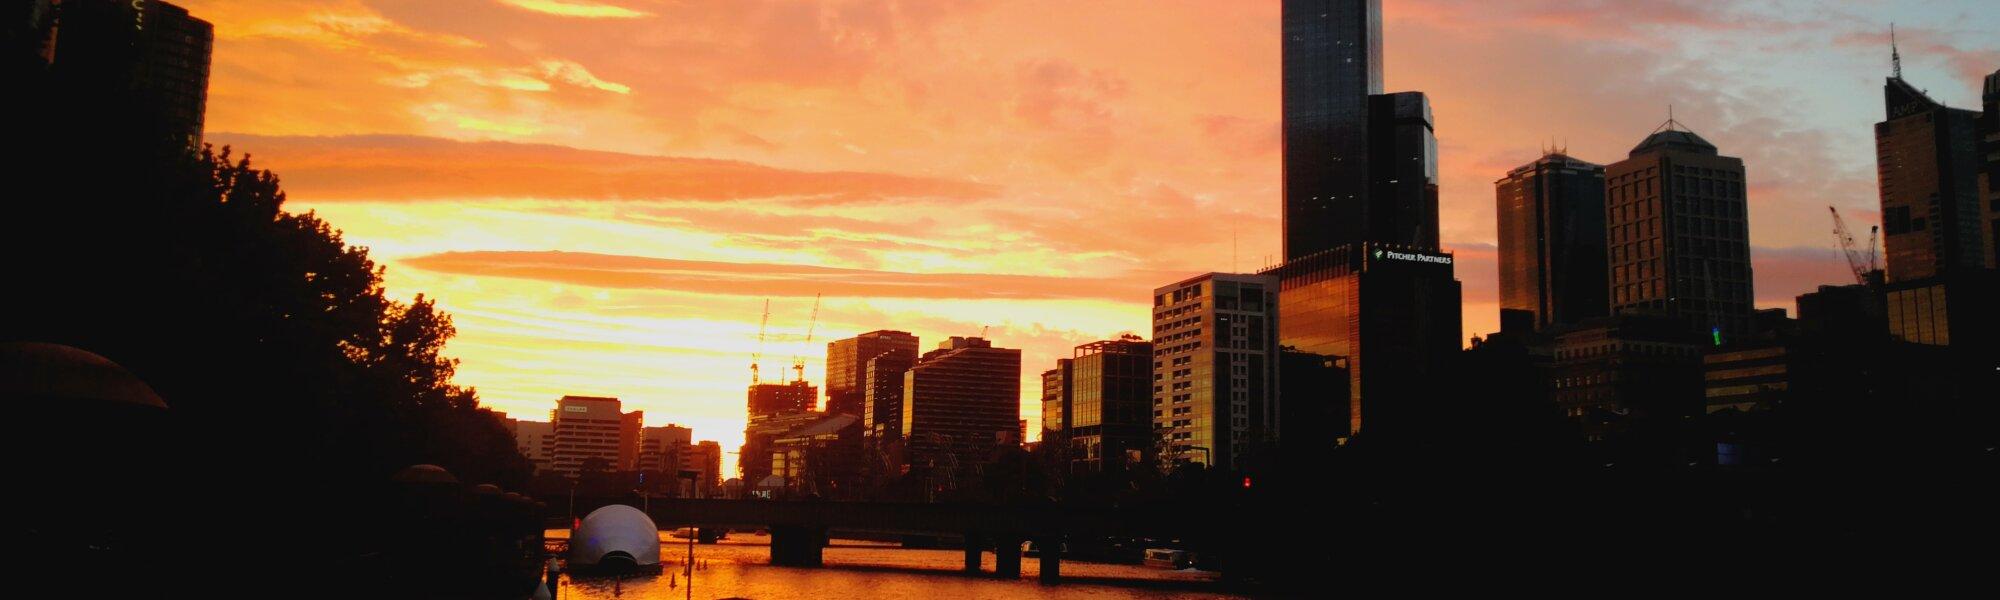 Rencontres asiatiques à Melbourne Australie